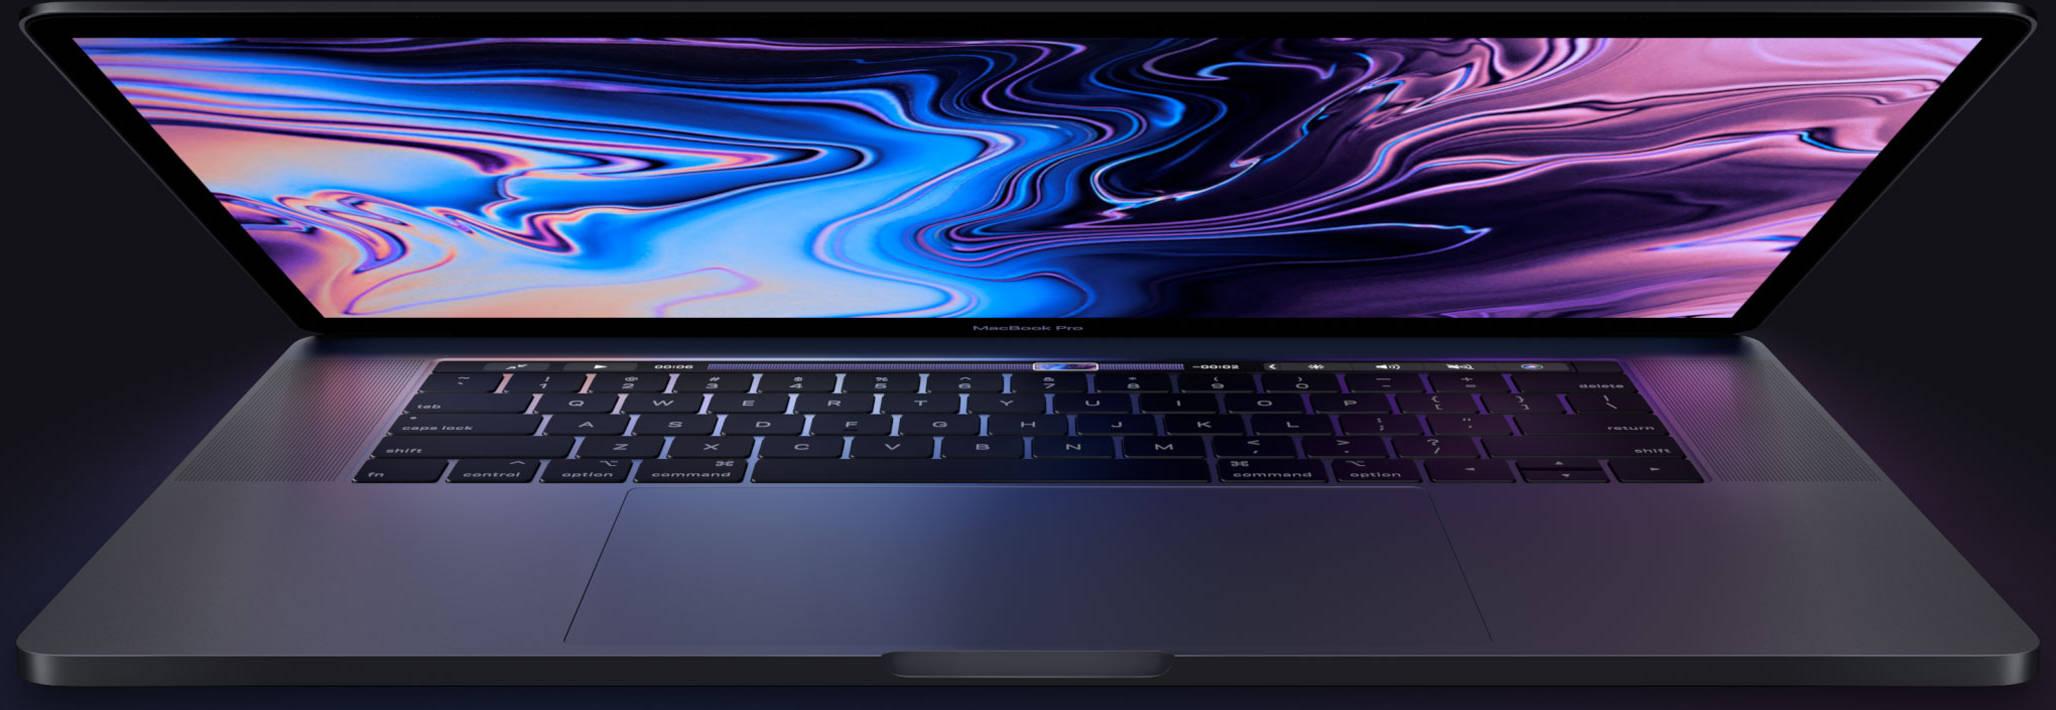 Nowy MacBook Pro 16 cala kiedy premiera Apple iPhone 2019 11 plotki przecieki wycieki specyfikacja techniczna